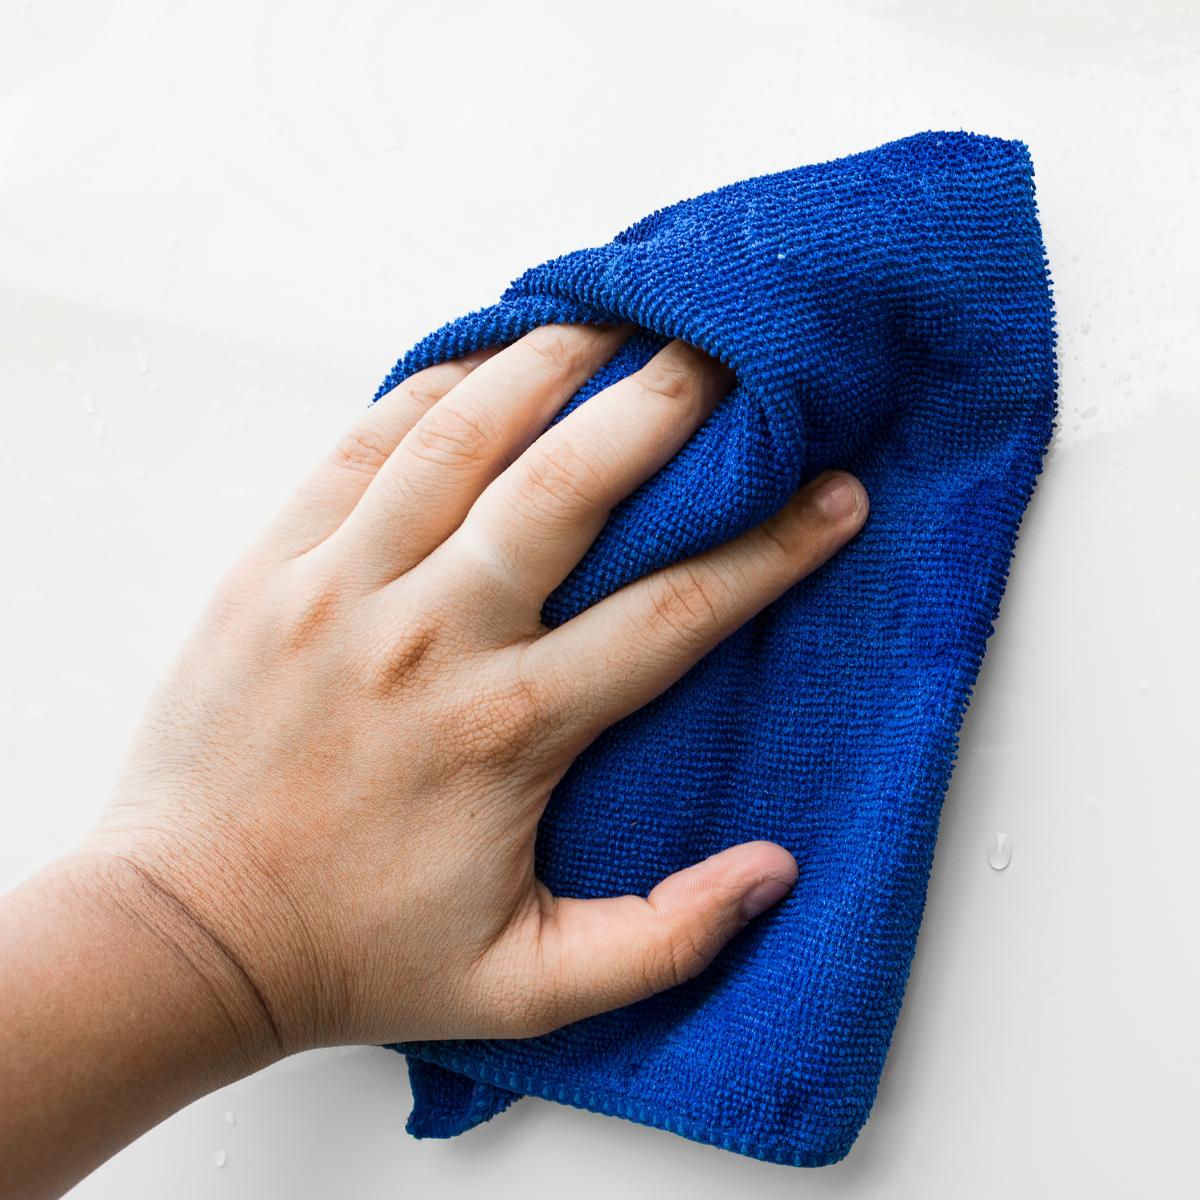 Kan ik microvezeldoeken voor alle schoonmaakwerkzaamheden gebruiken?